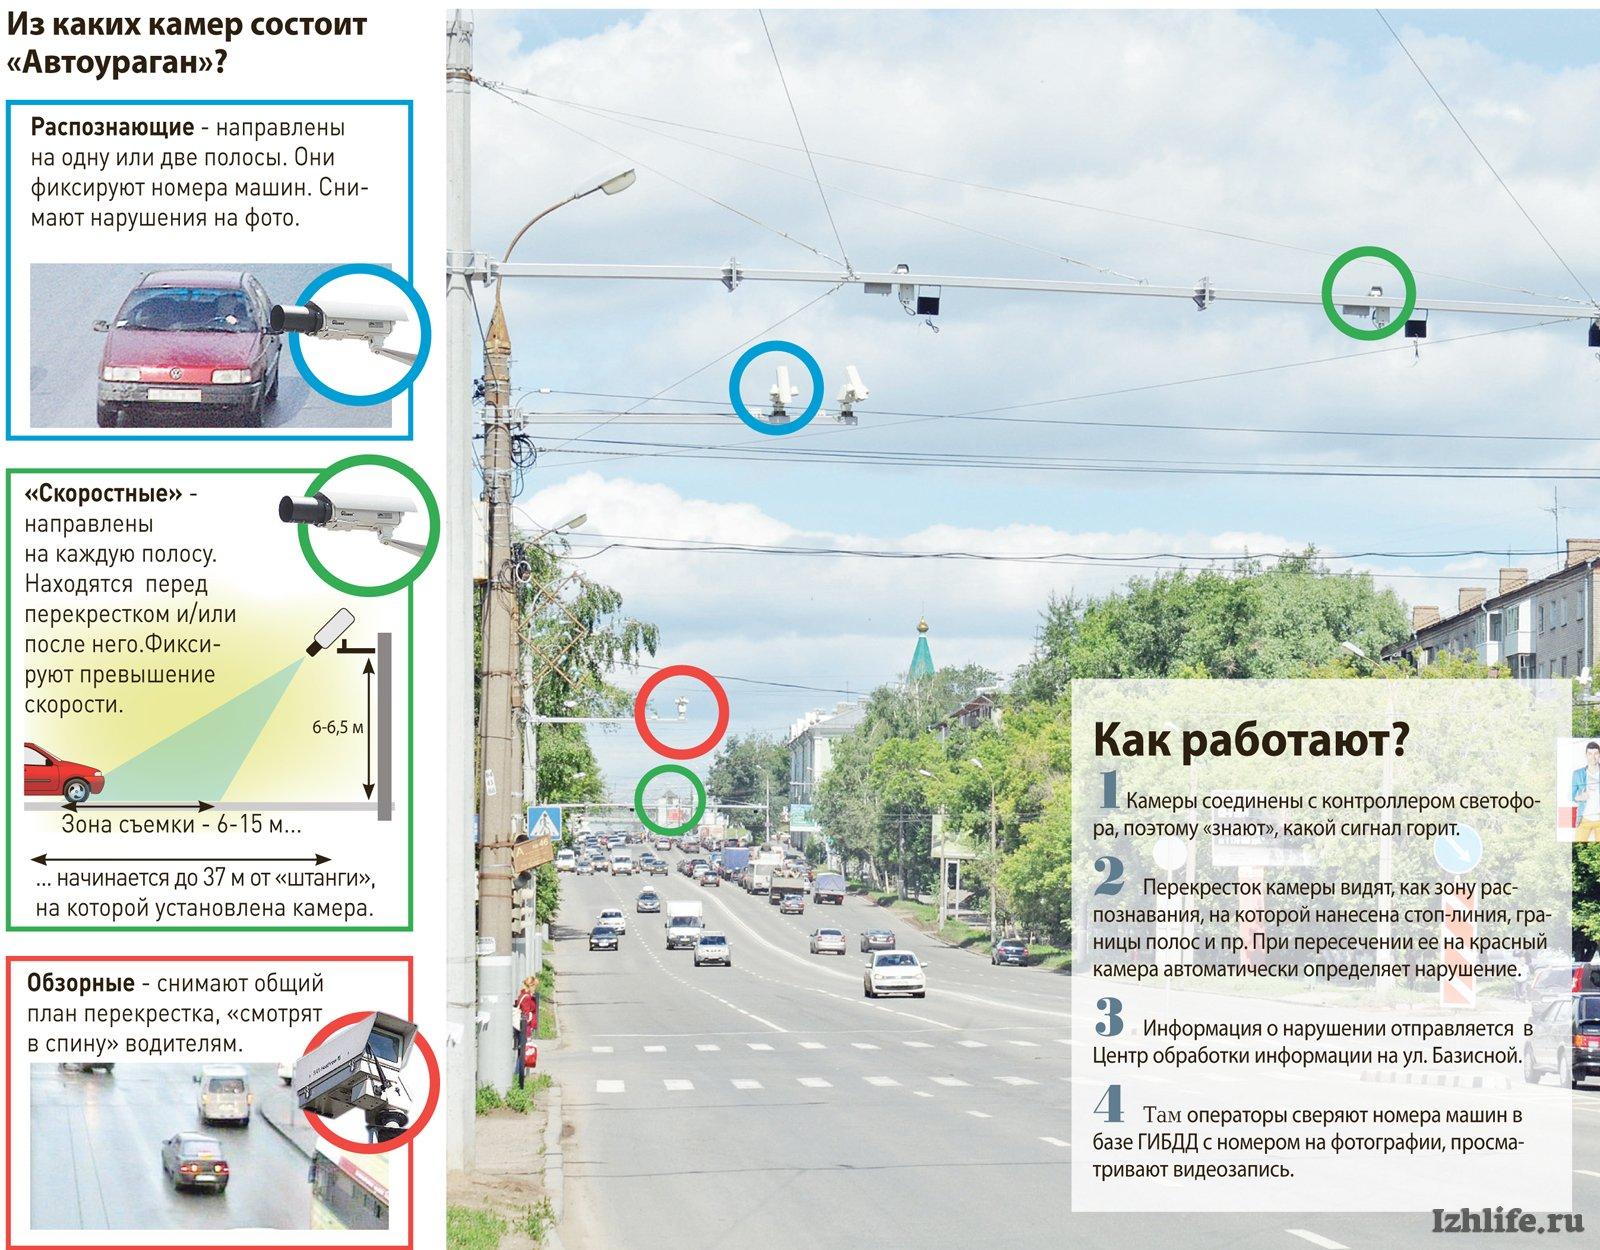 какие камеры в москве фиксируют проезд на красный свет этим заинтересуешься